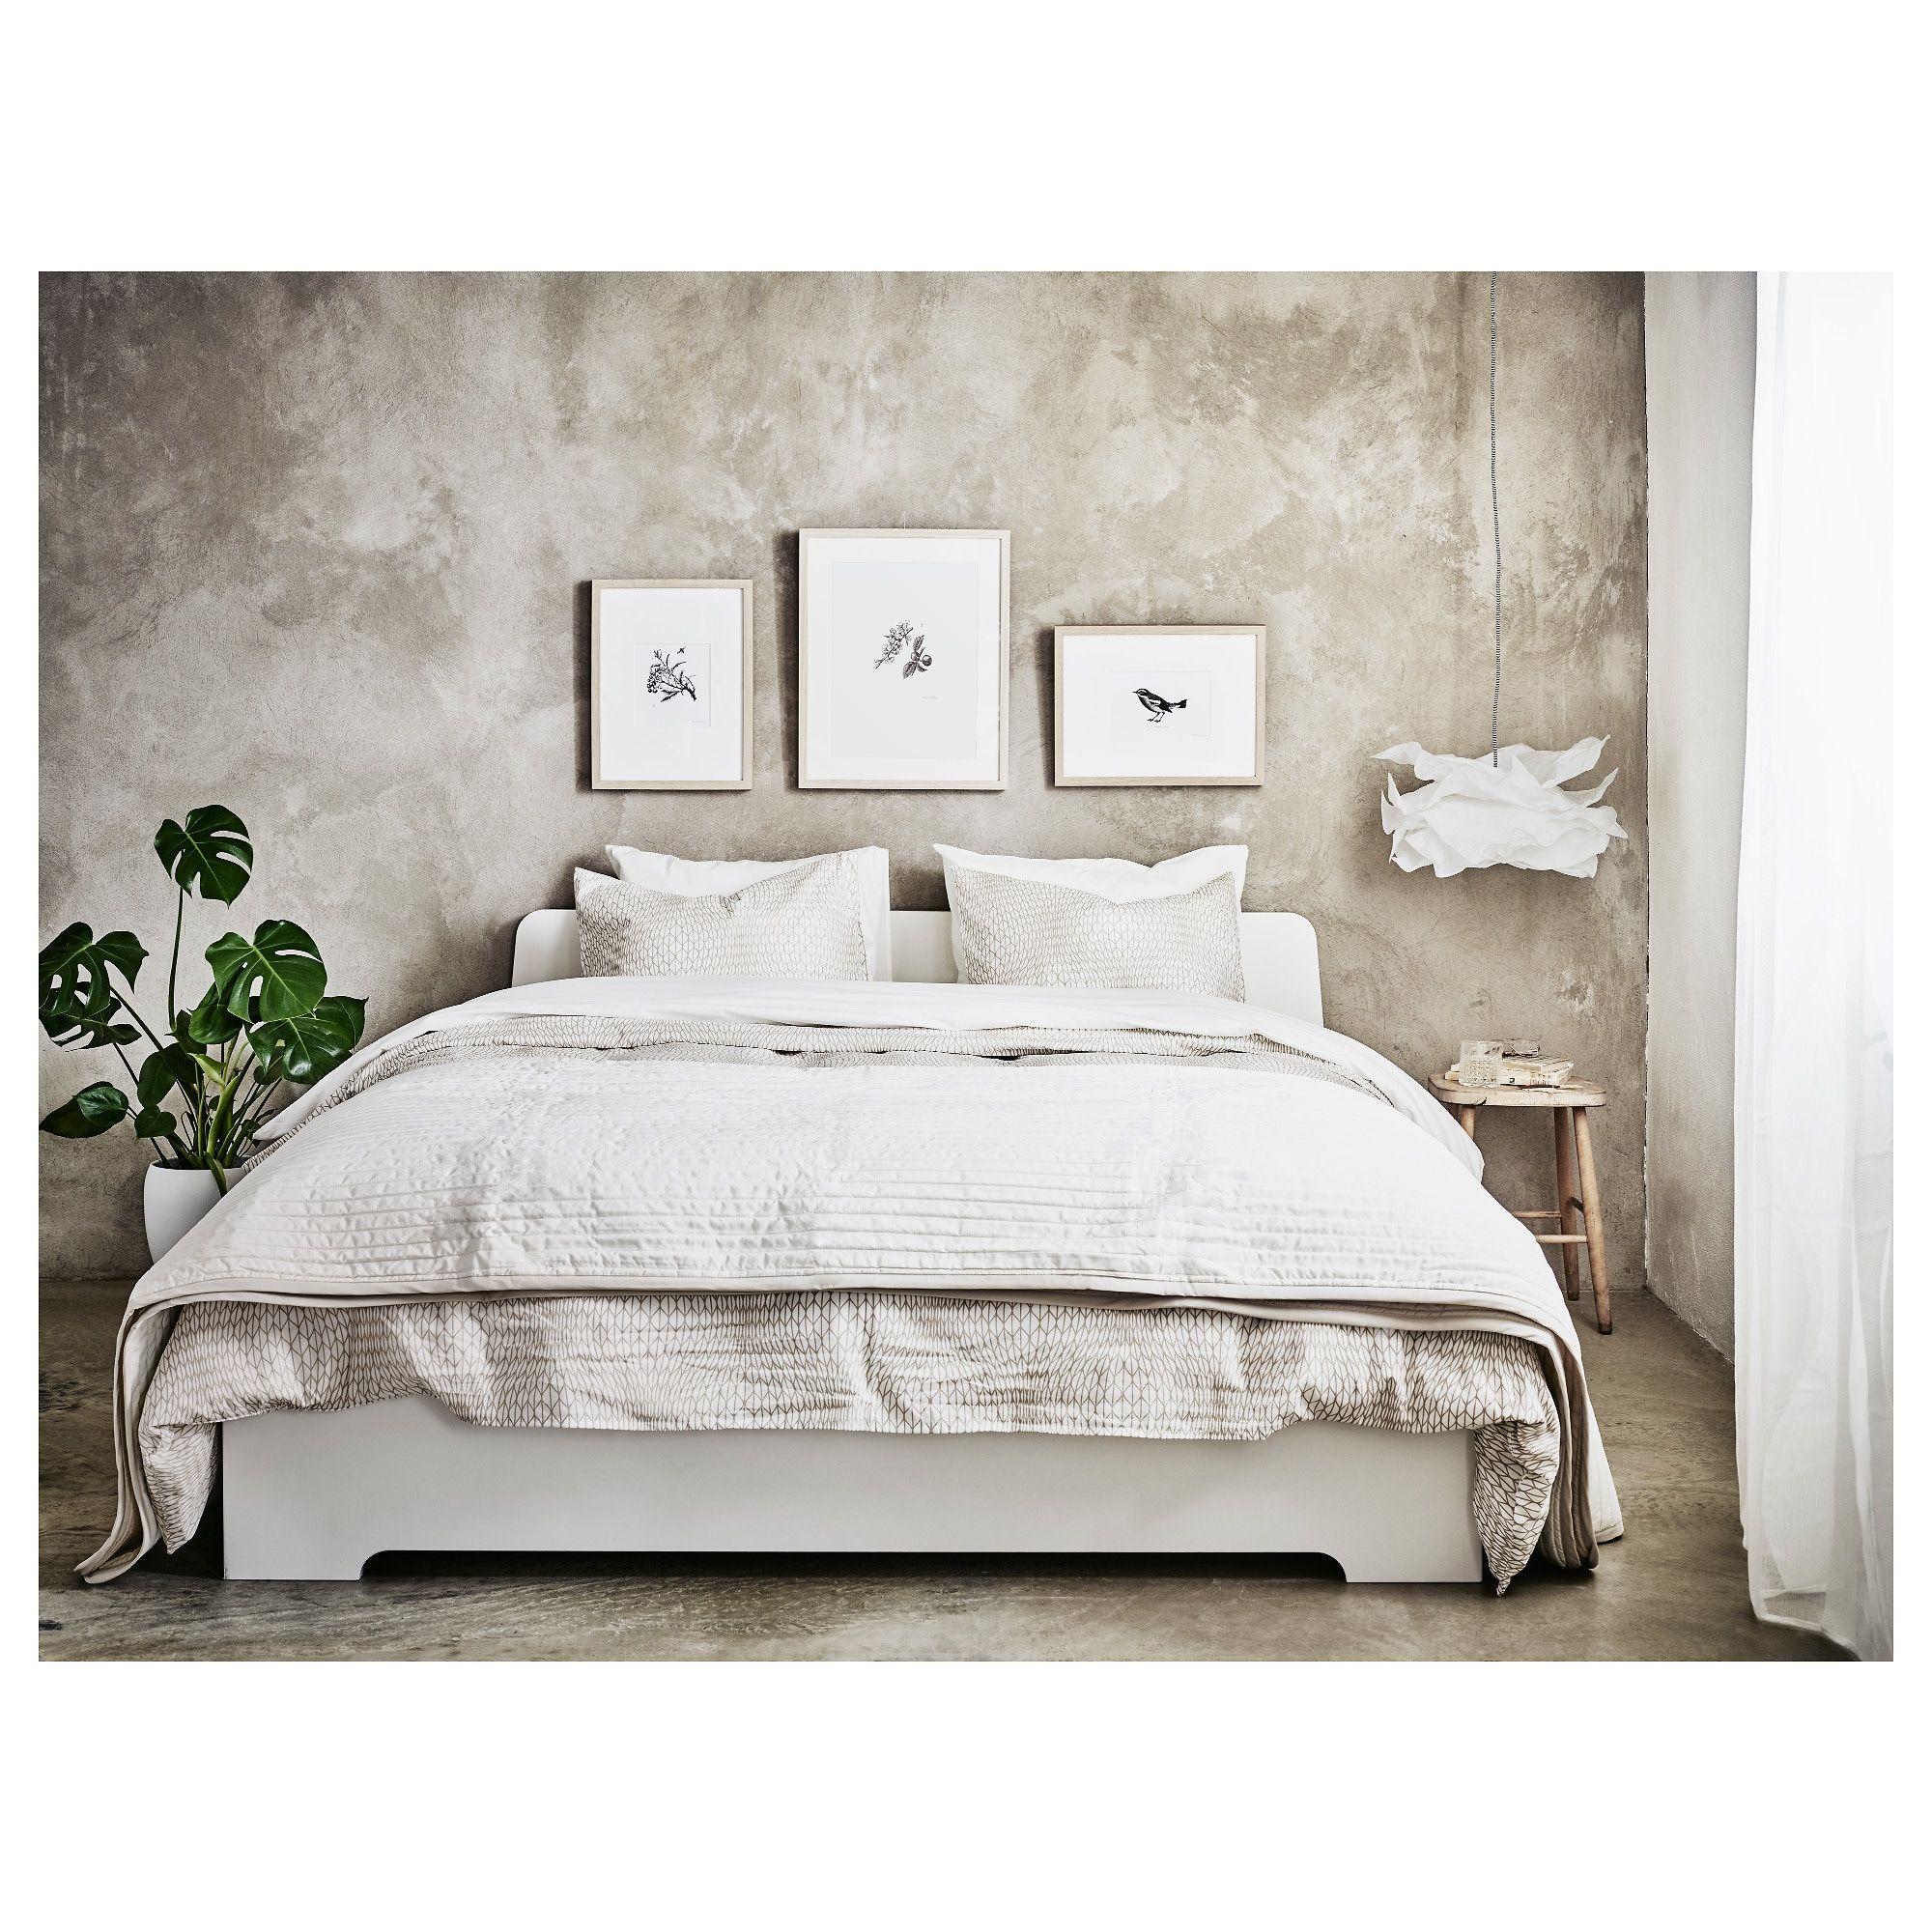 Askvoll Rama łóżka Biały Interiors Ikea Bed White